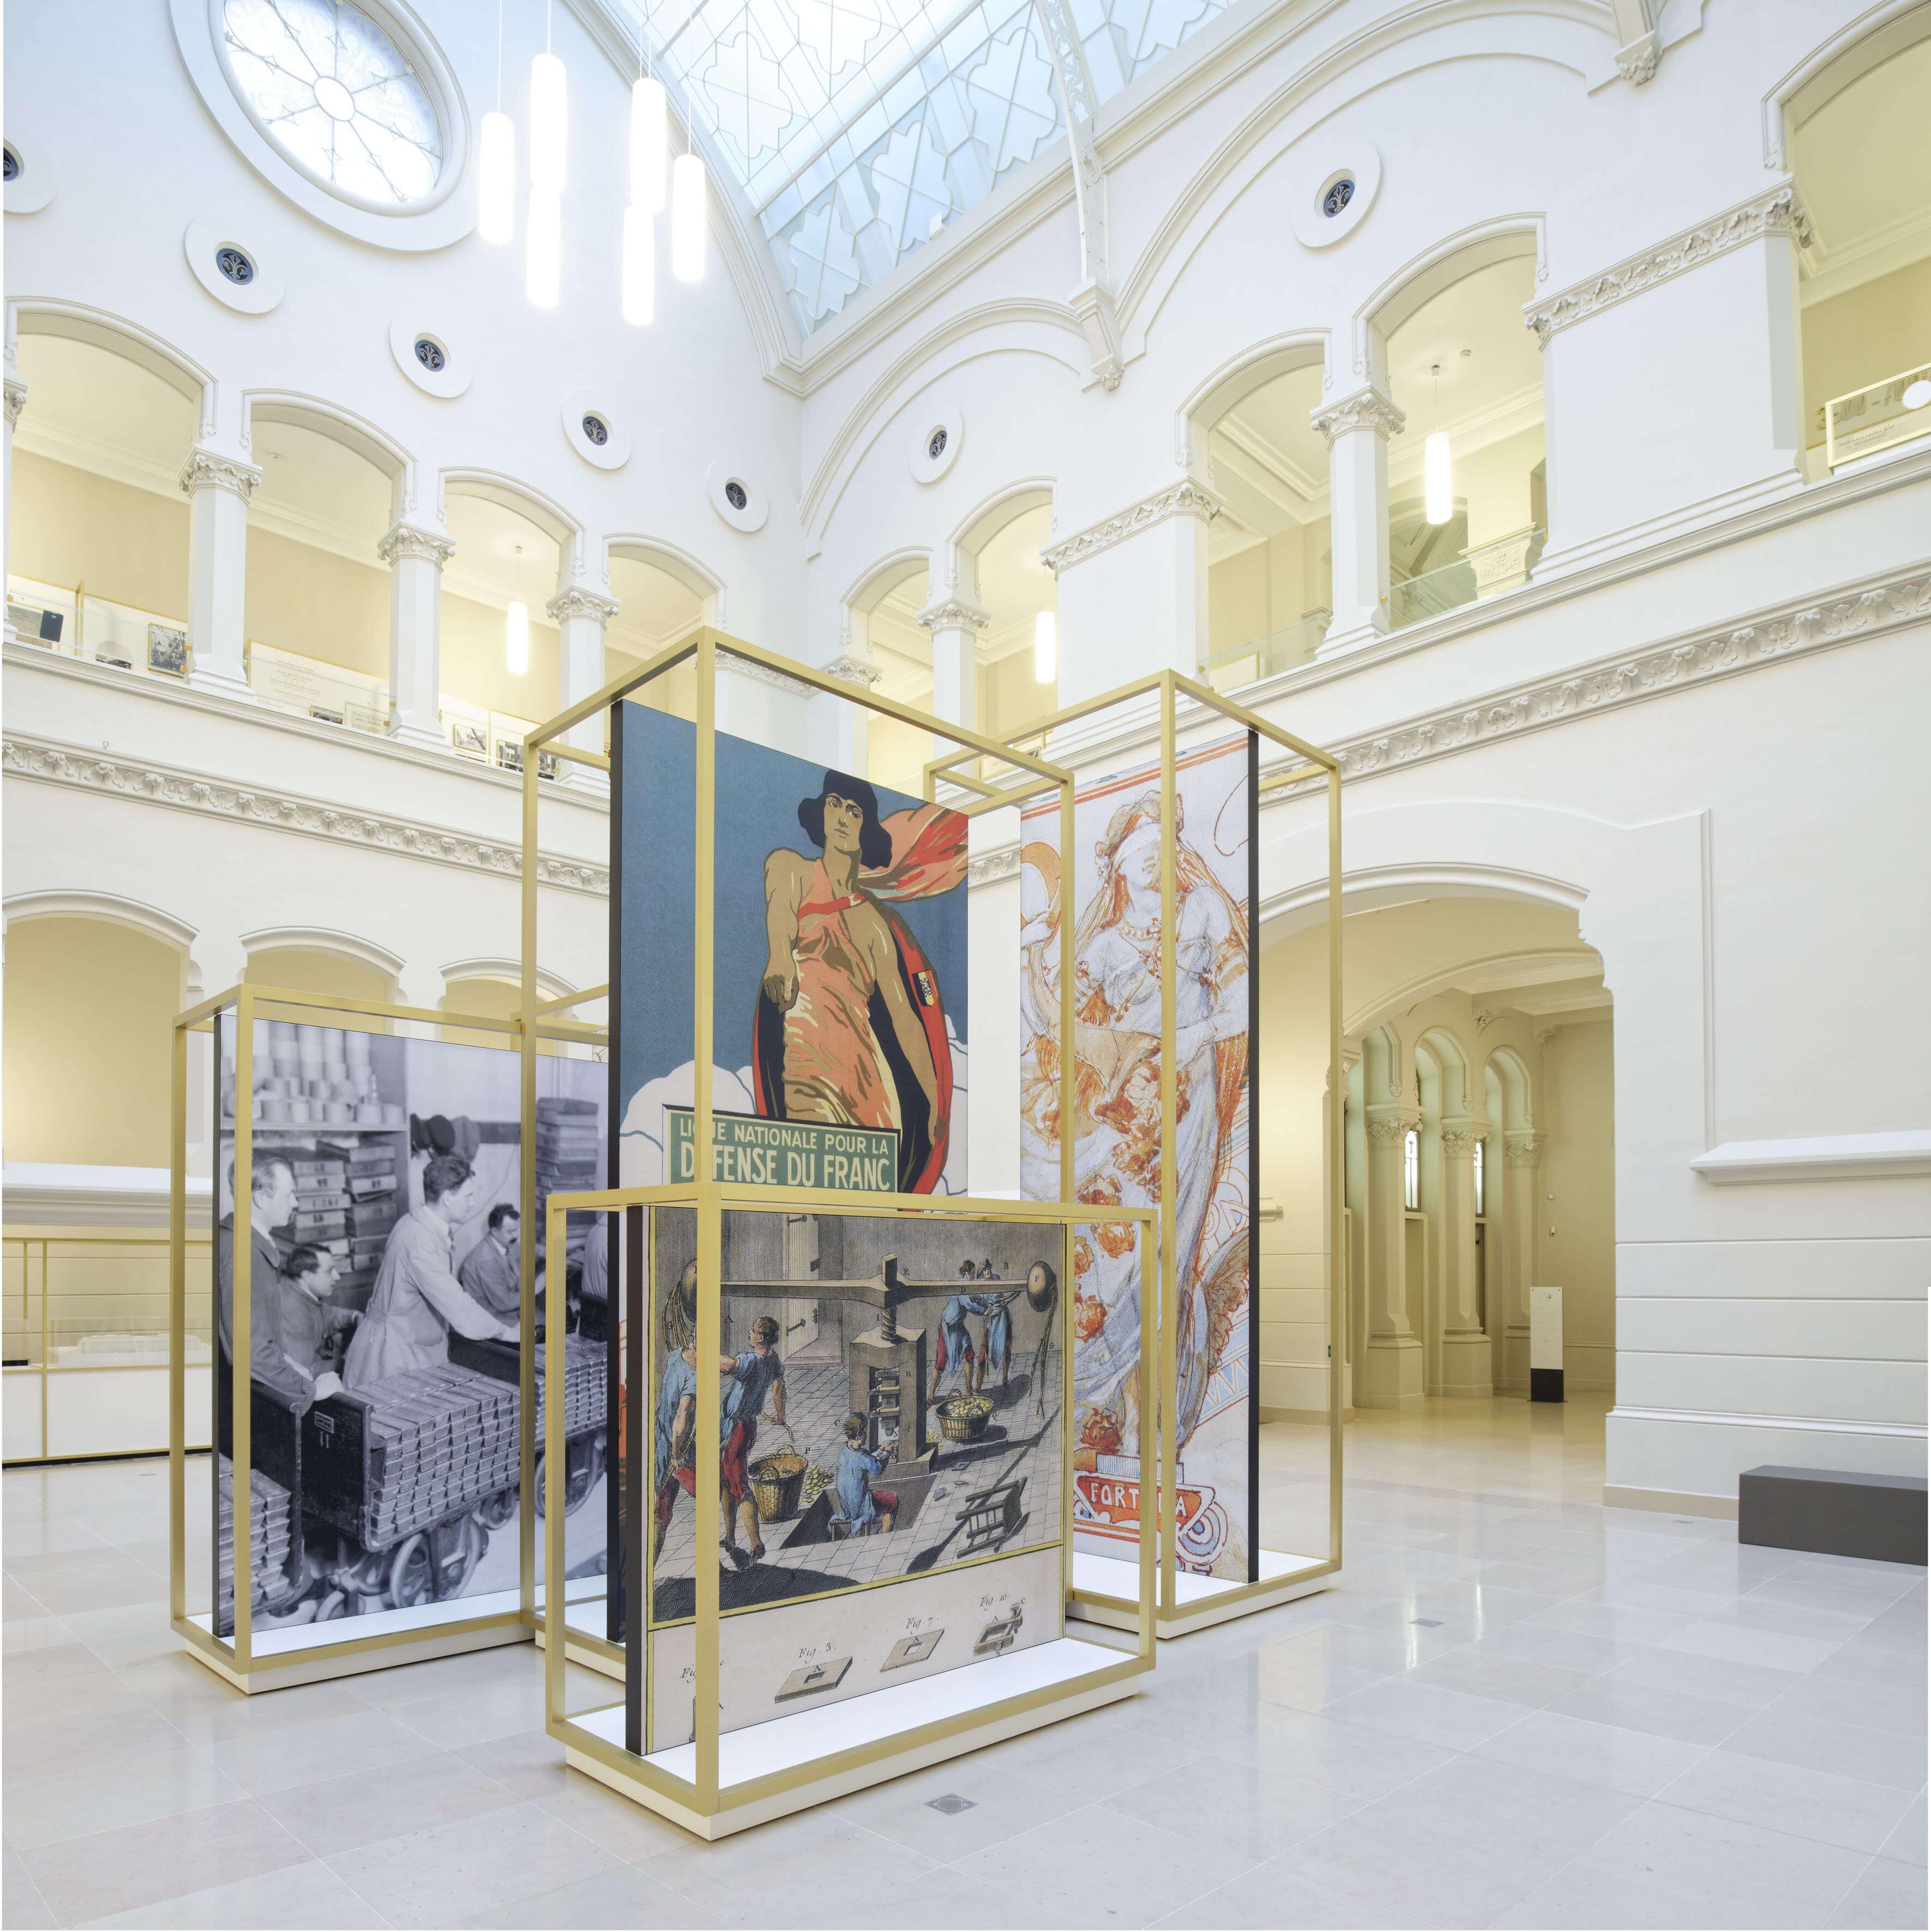 Guide de musée francophone à la banque nationale de Belgique